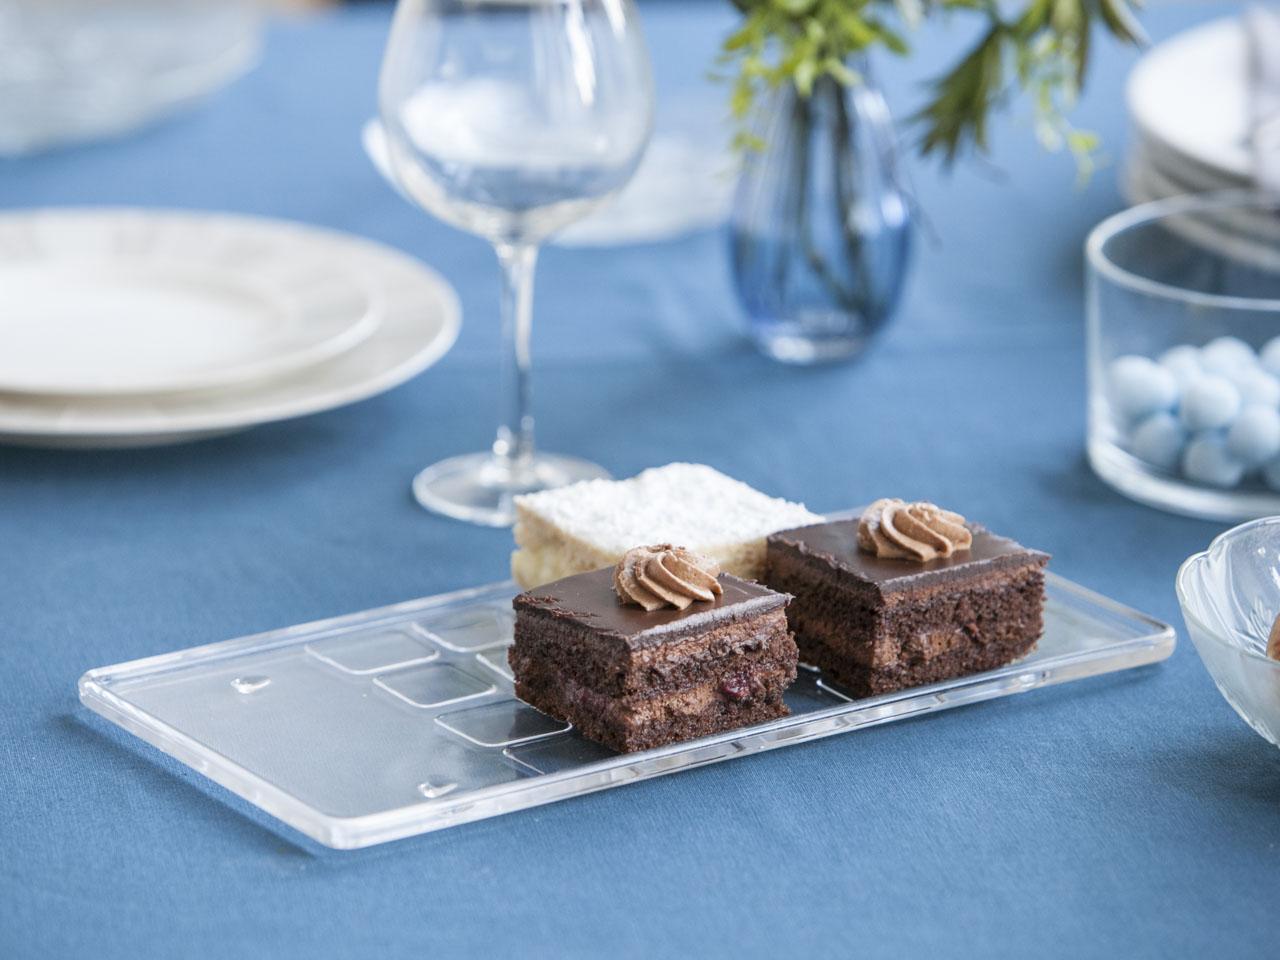 Tortownica / talerz szklany na ciasto niski prostokątny na nóżkach z kwadratami 32 cm